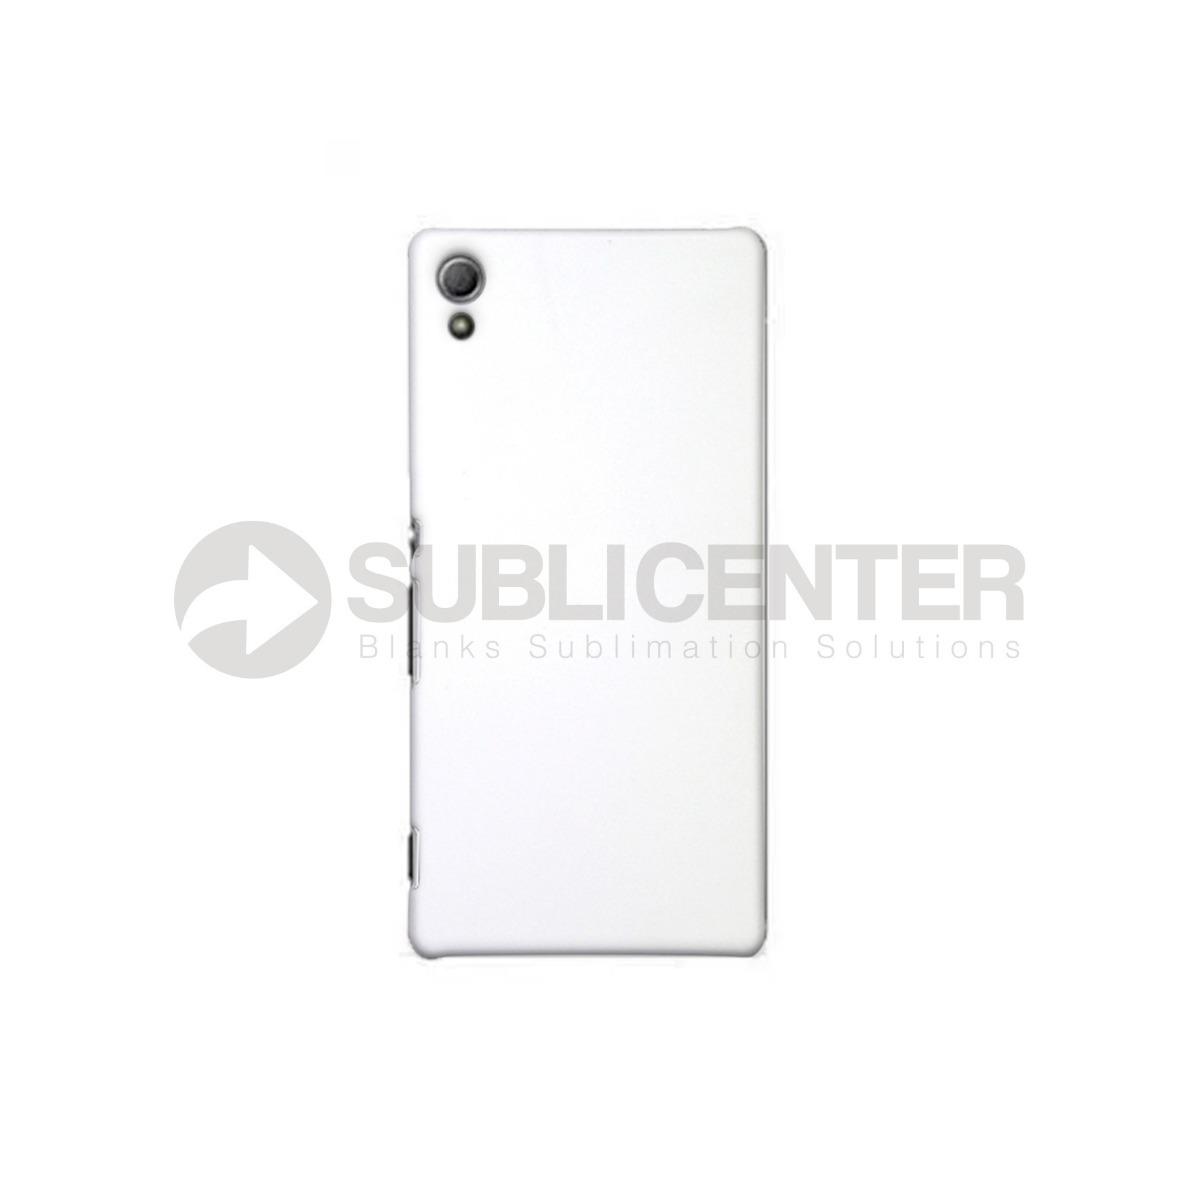 0b062380aef Fundas Para Celular 3d Sublimable Sony Xperia Z4 - $ 55.00 en ...